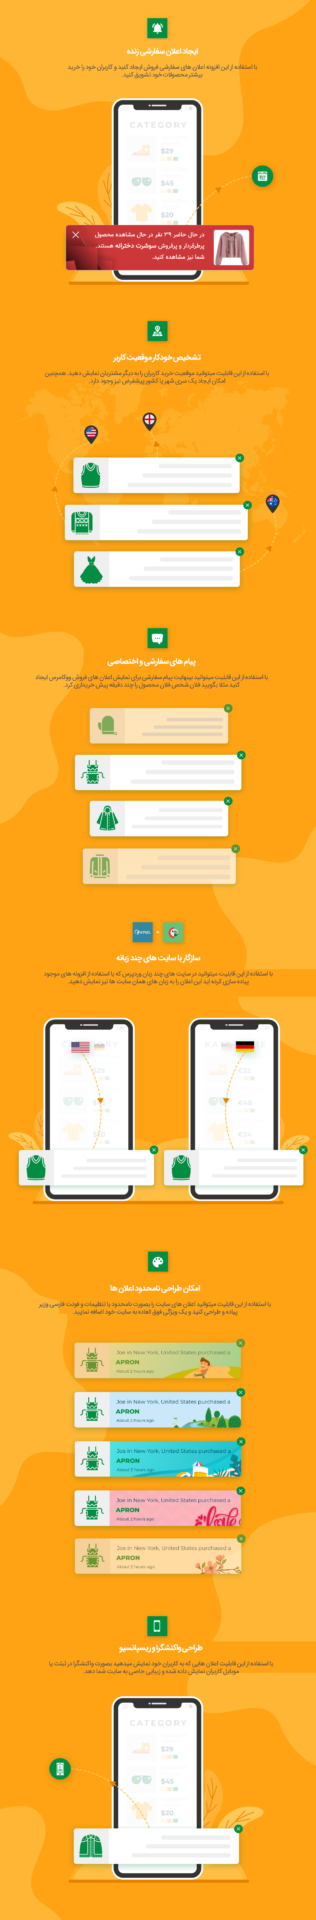 افزونه WooCommerce Notification   افزونه اعلان هوشمند   افزونه نوتیفیکیشن ووکامرس   نمایش نوتیفیکیشن در فروشگاه   افزونه نوتیفیکیشن